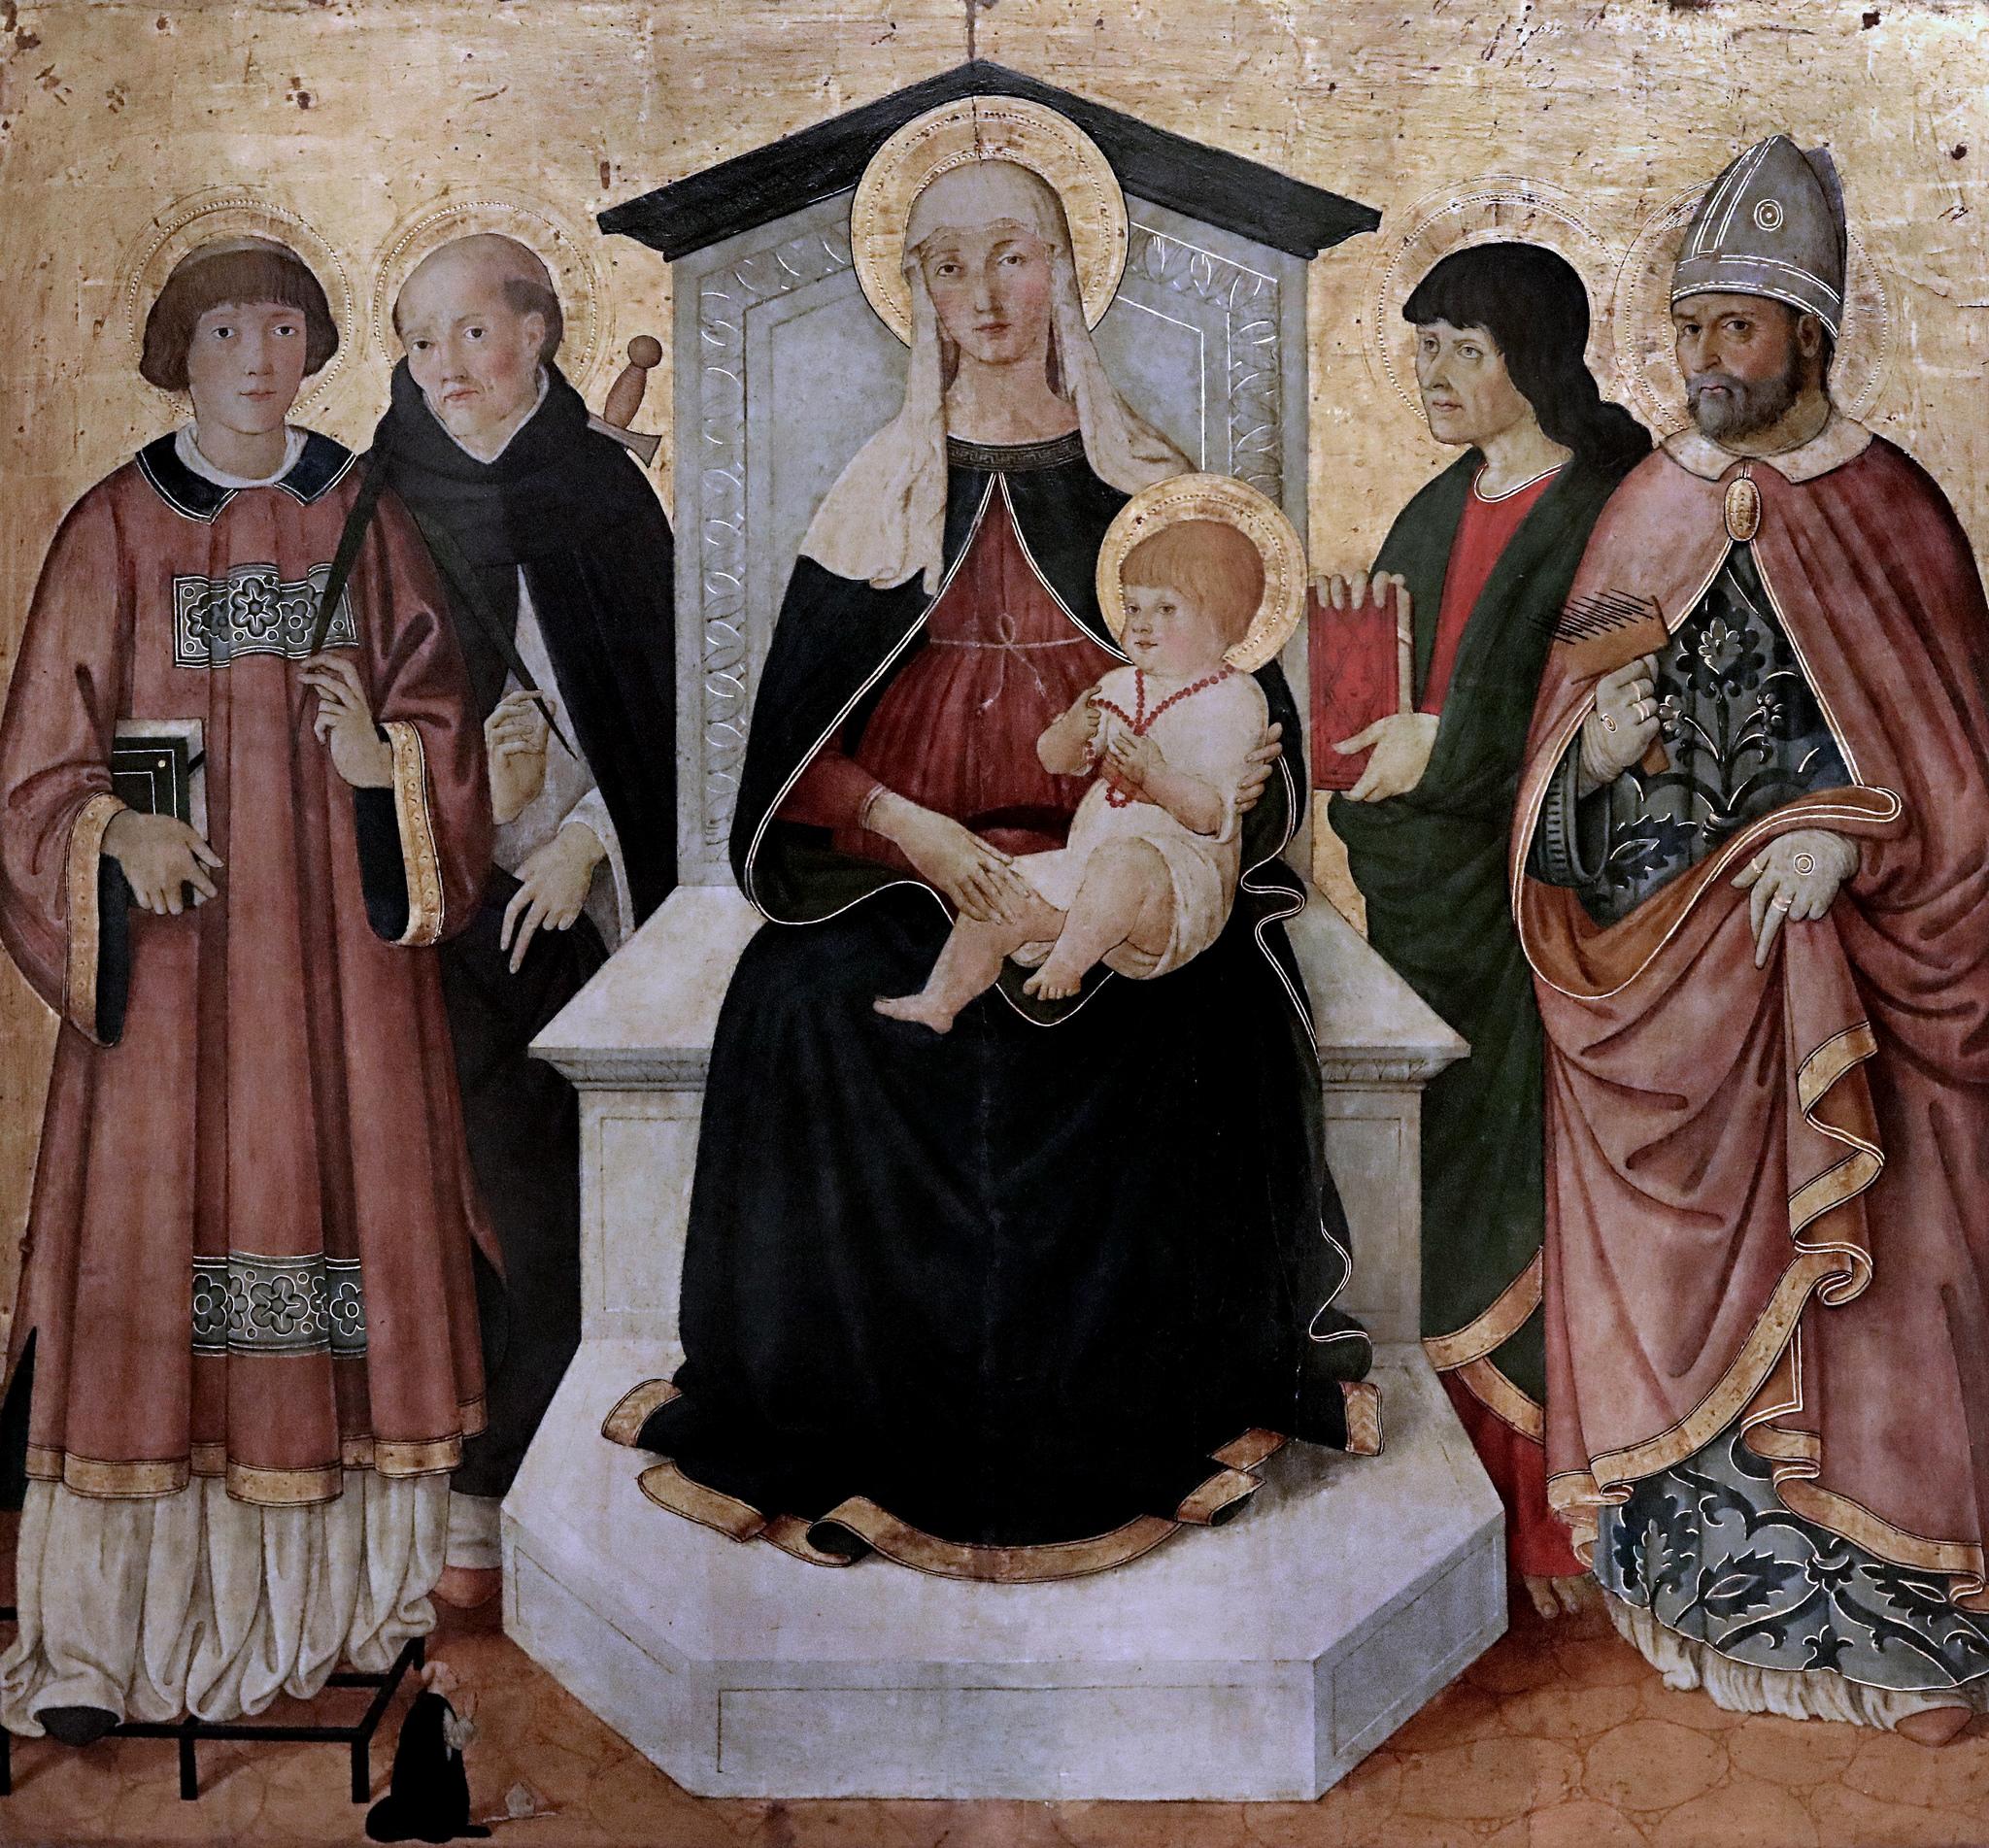 1490 ca Pier-Francesco-Fiorentino-Saint Laurent, saint Pierre Martyr, saint Jean Saint Blaise eveque dominicain Petit Palais Avignon